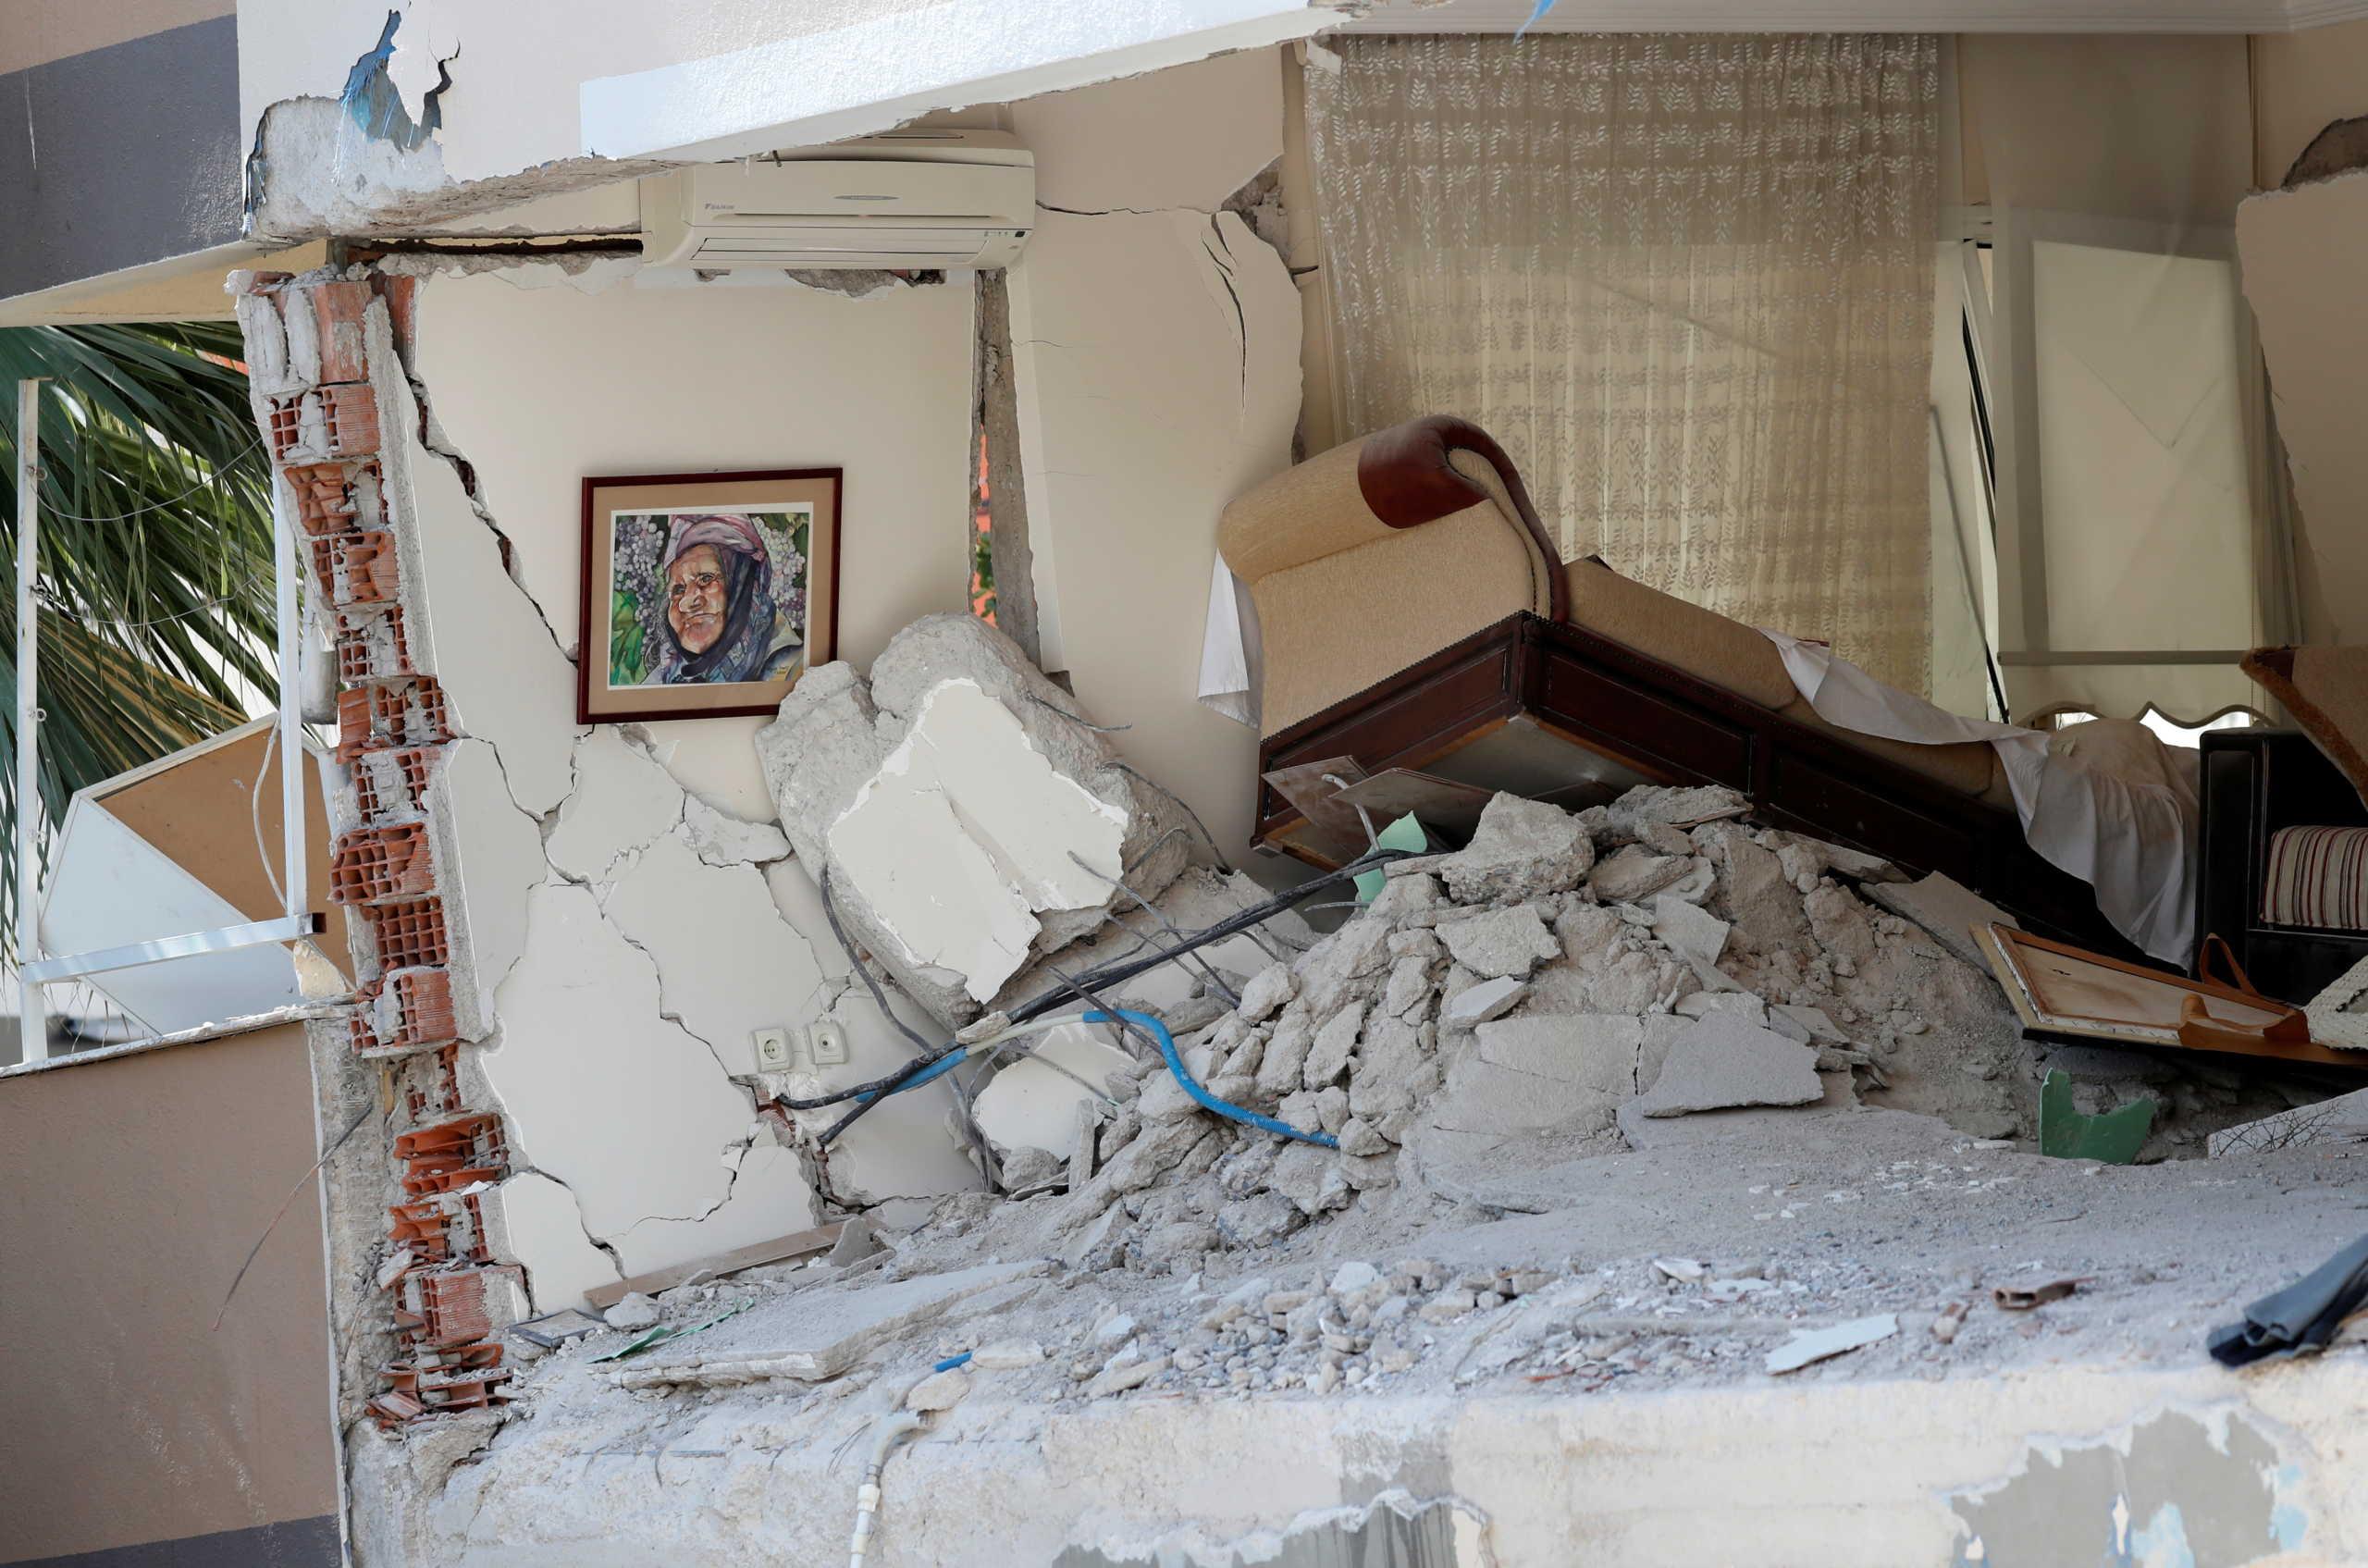 Τουρκία: Εξανεμίζονται οι ελπίδες για ζωή στα χαλάσματα – 62 οι νεκροί του φονικού σεισμού